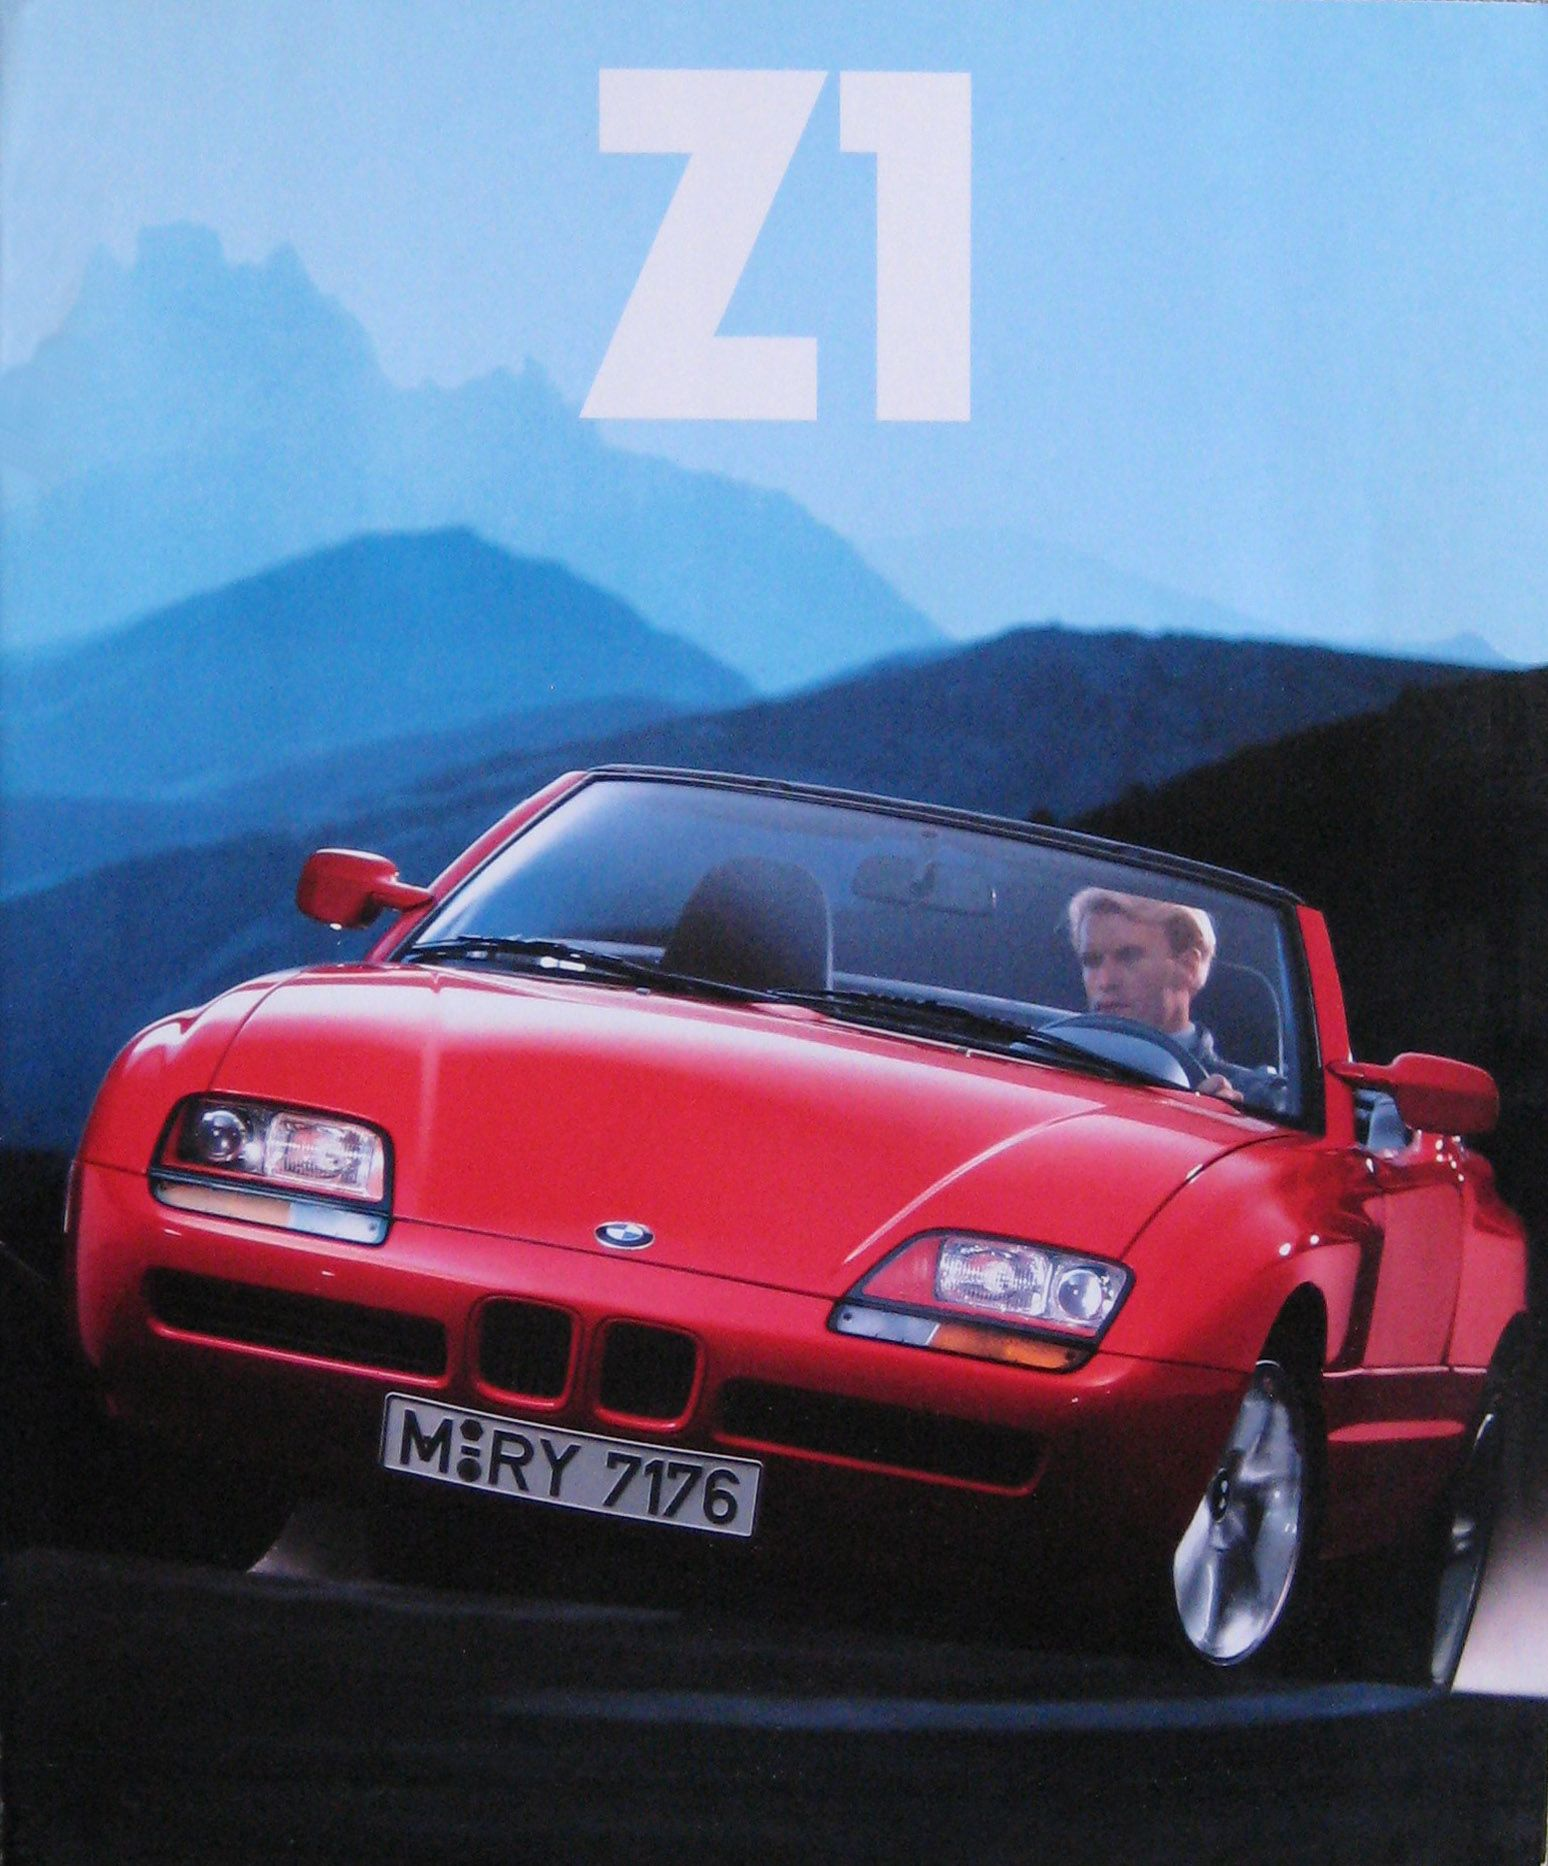 Bmw Z1: BMW, Bmw Z1, Bmw Cars